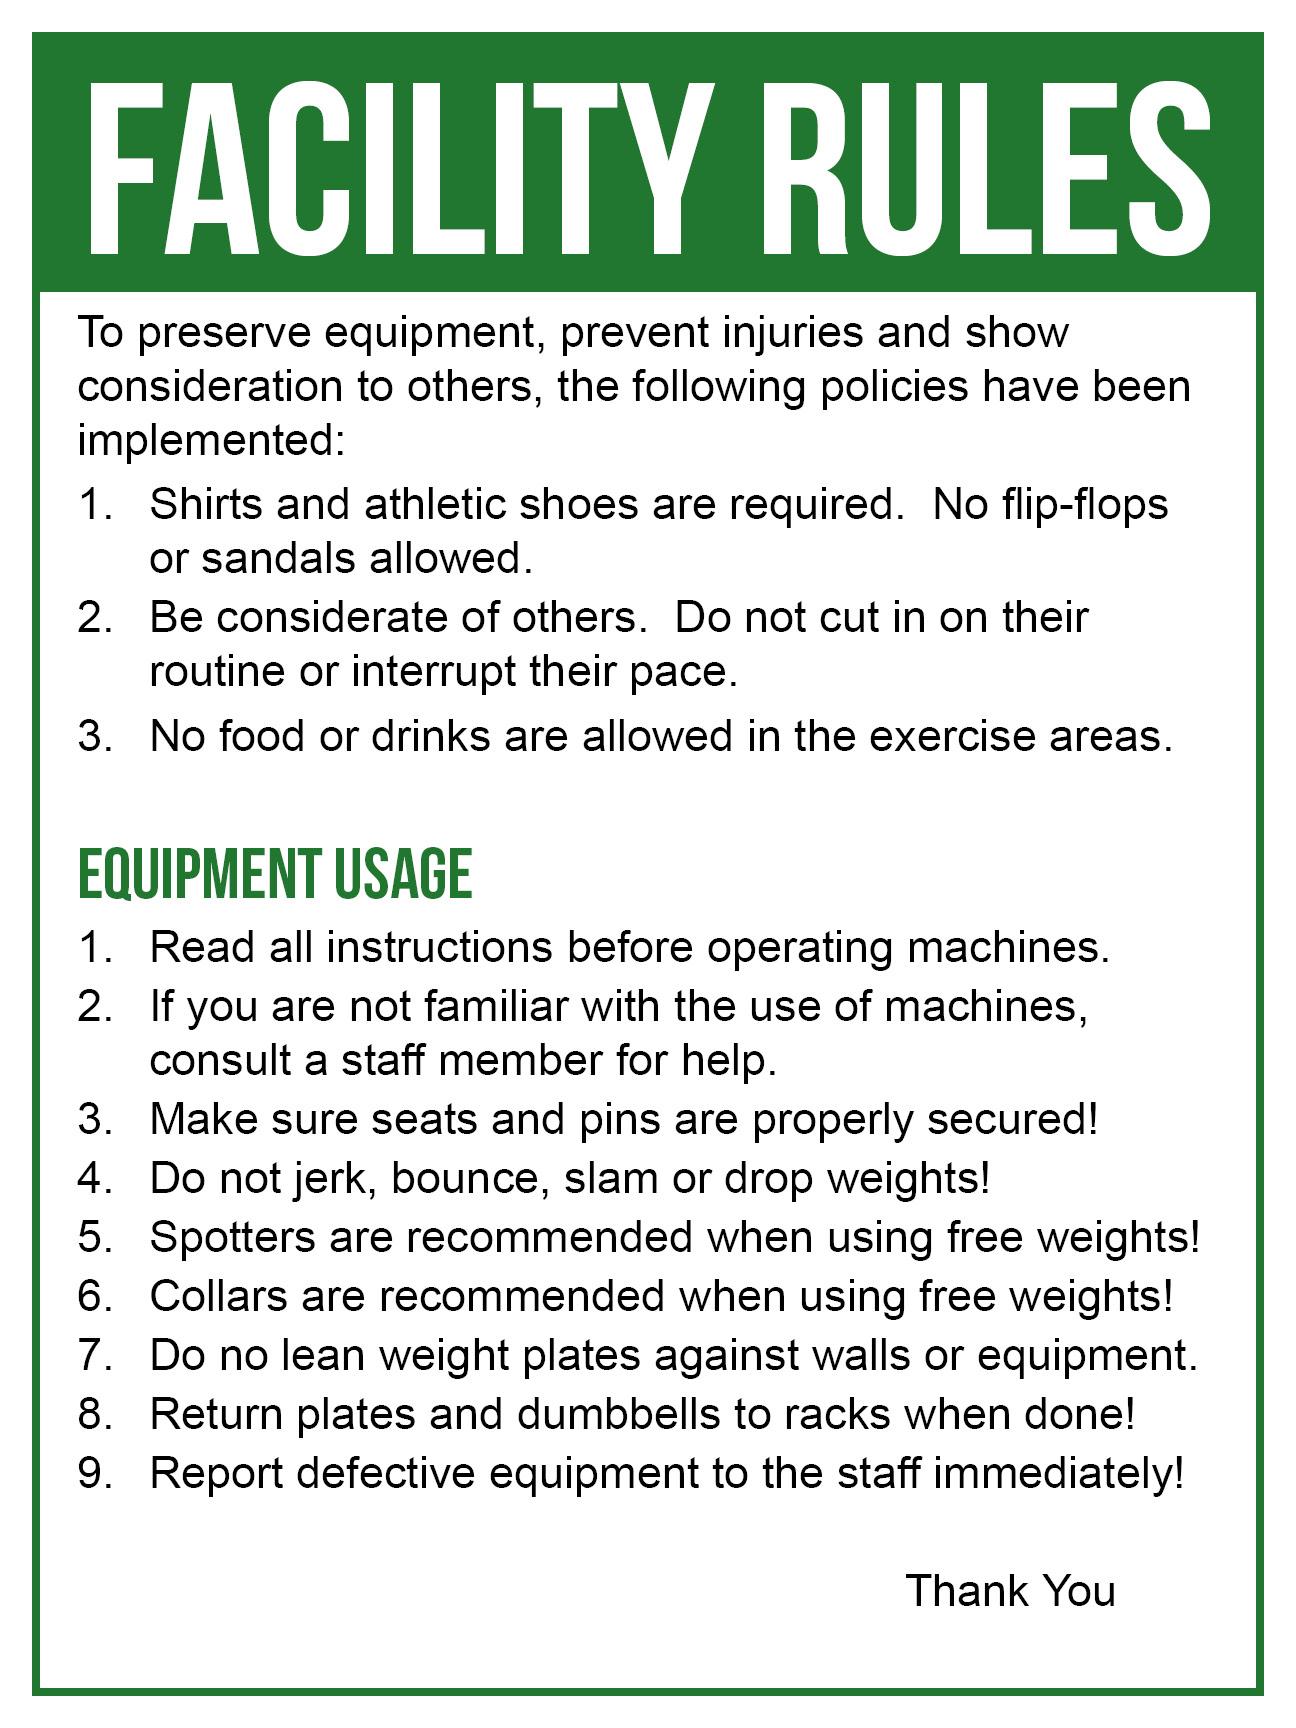 Facility Rules